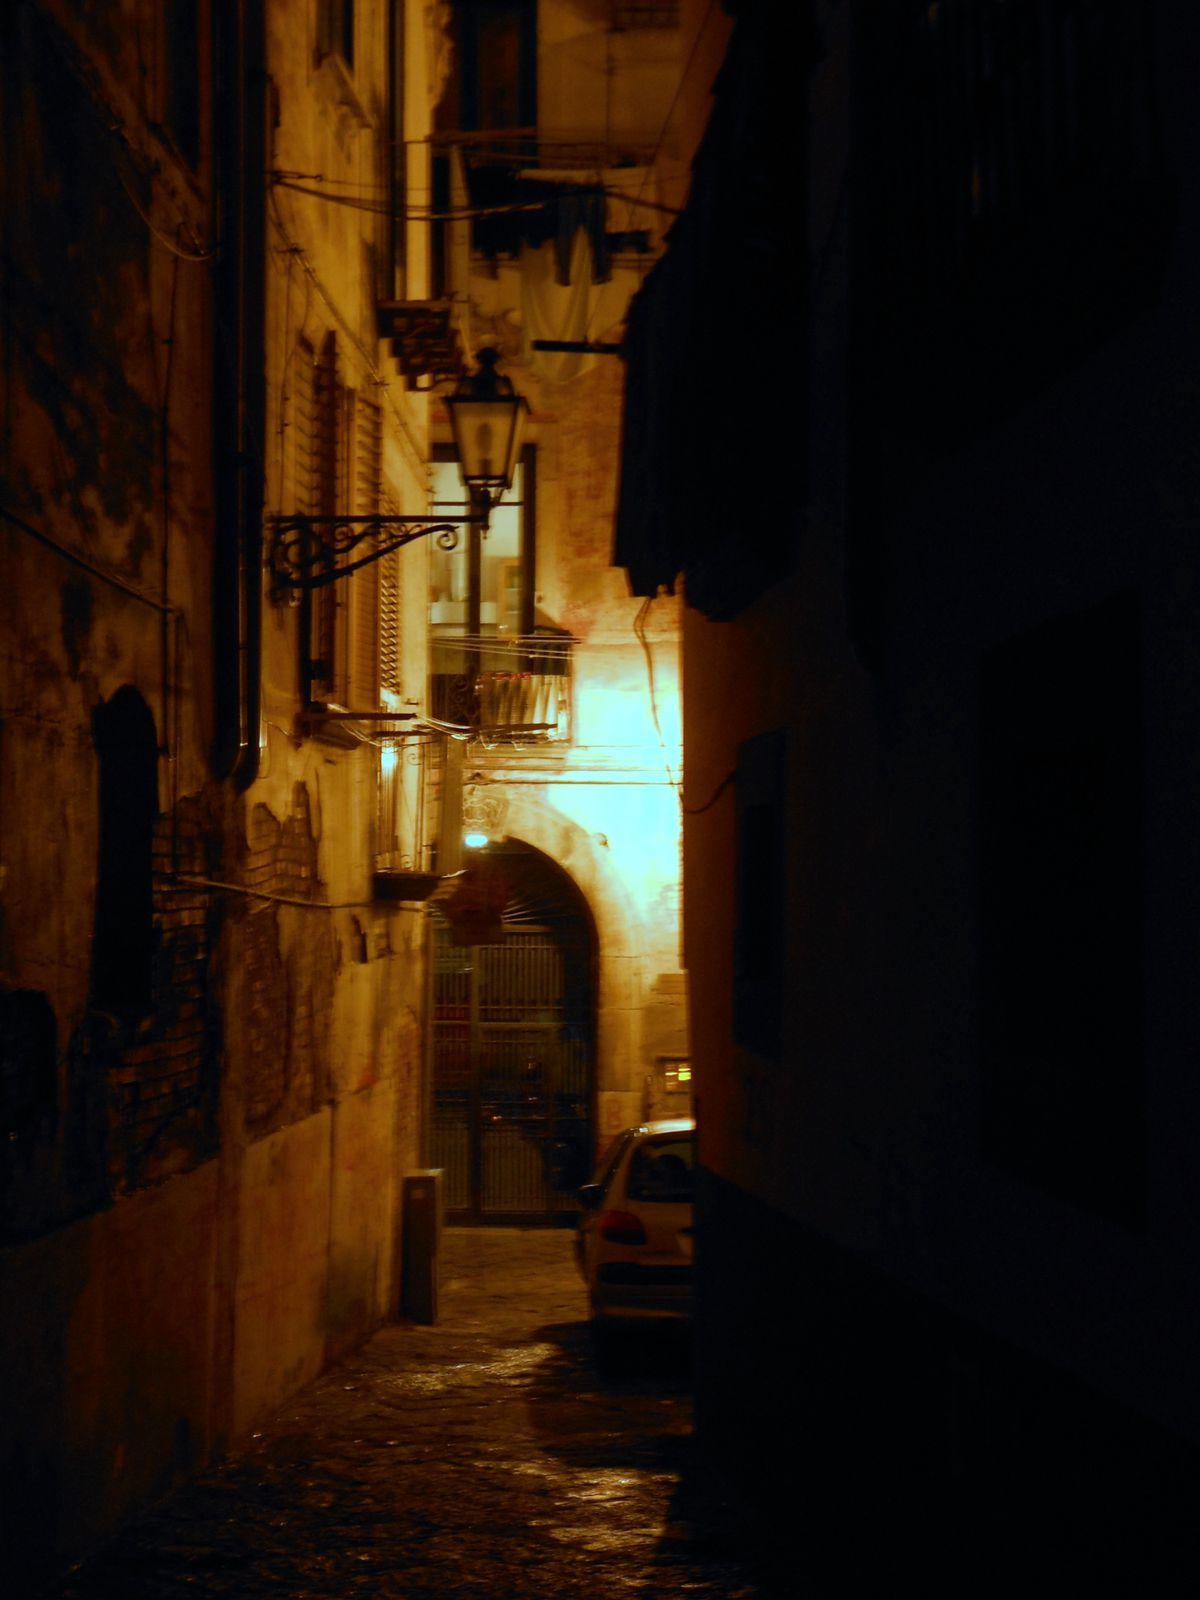 ALBUM - ITALIE 2012 : NAPLES ET LA COTE AMALFITAINE